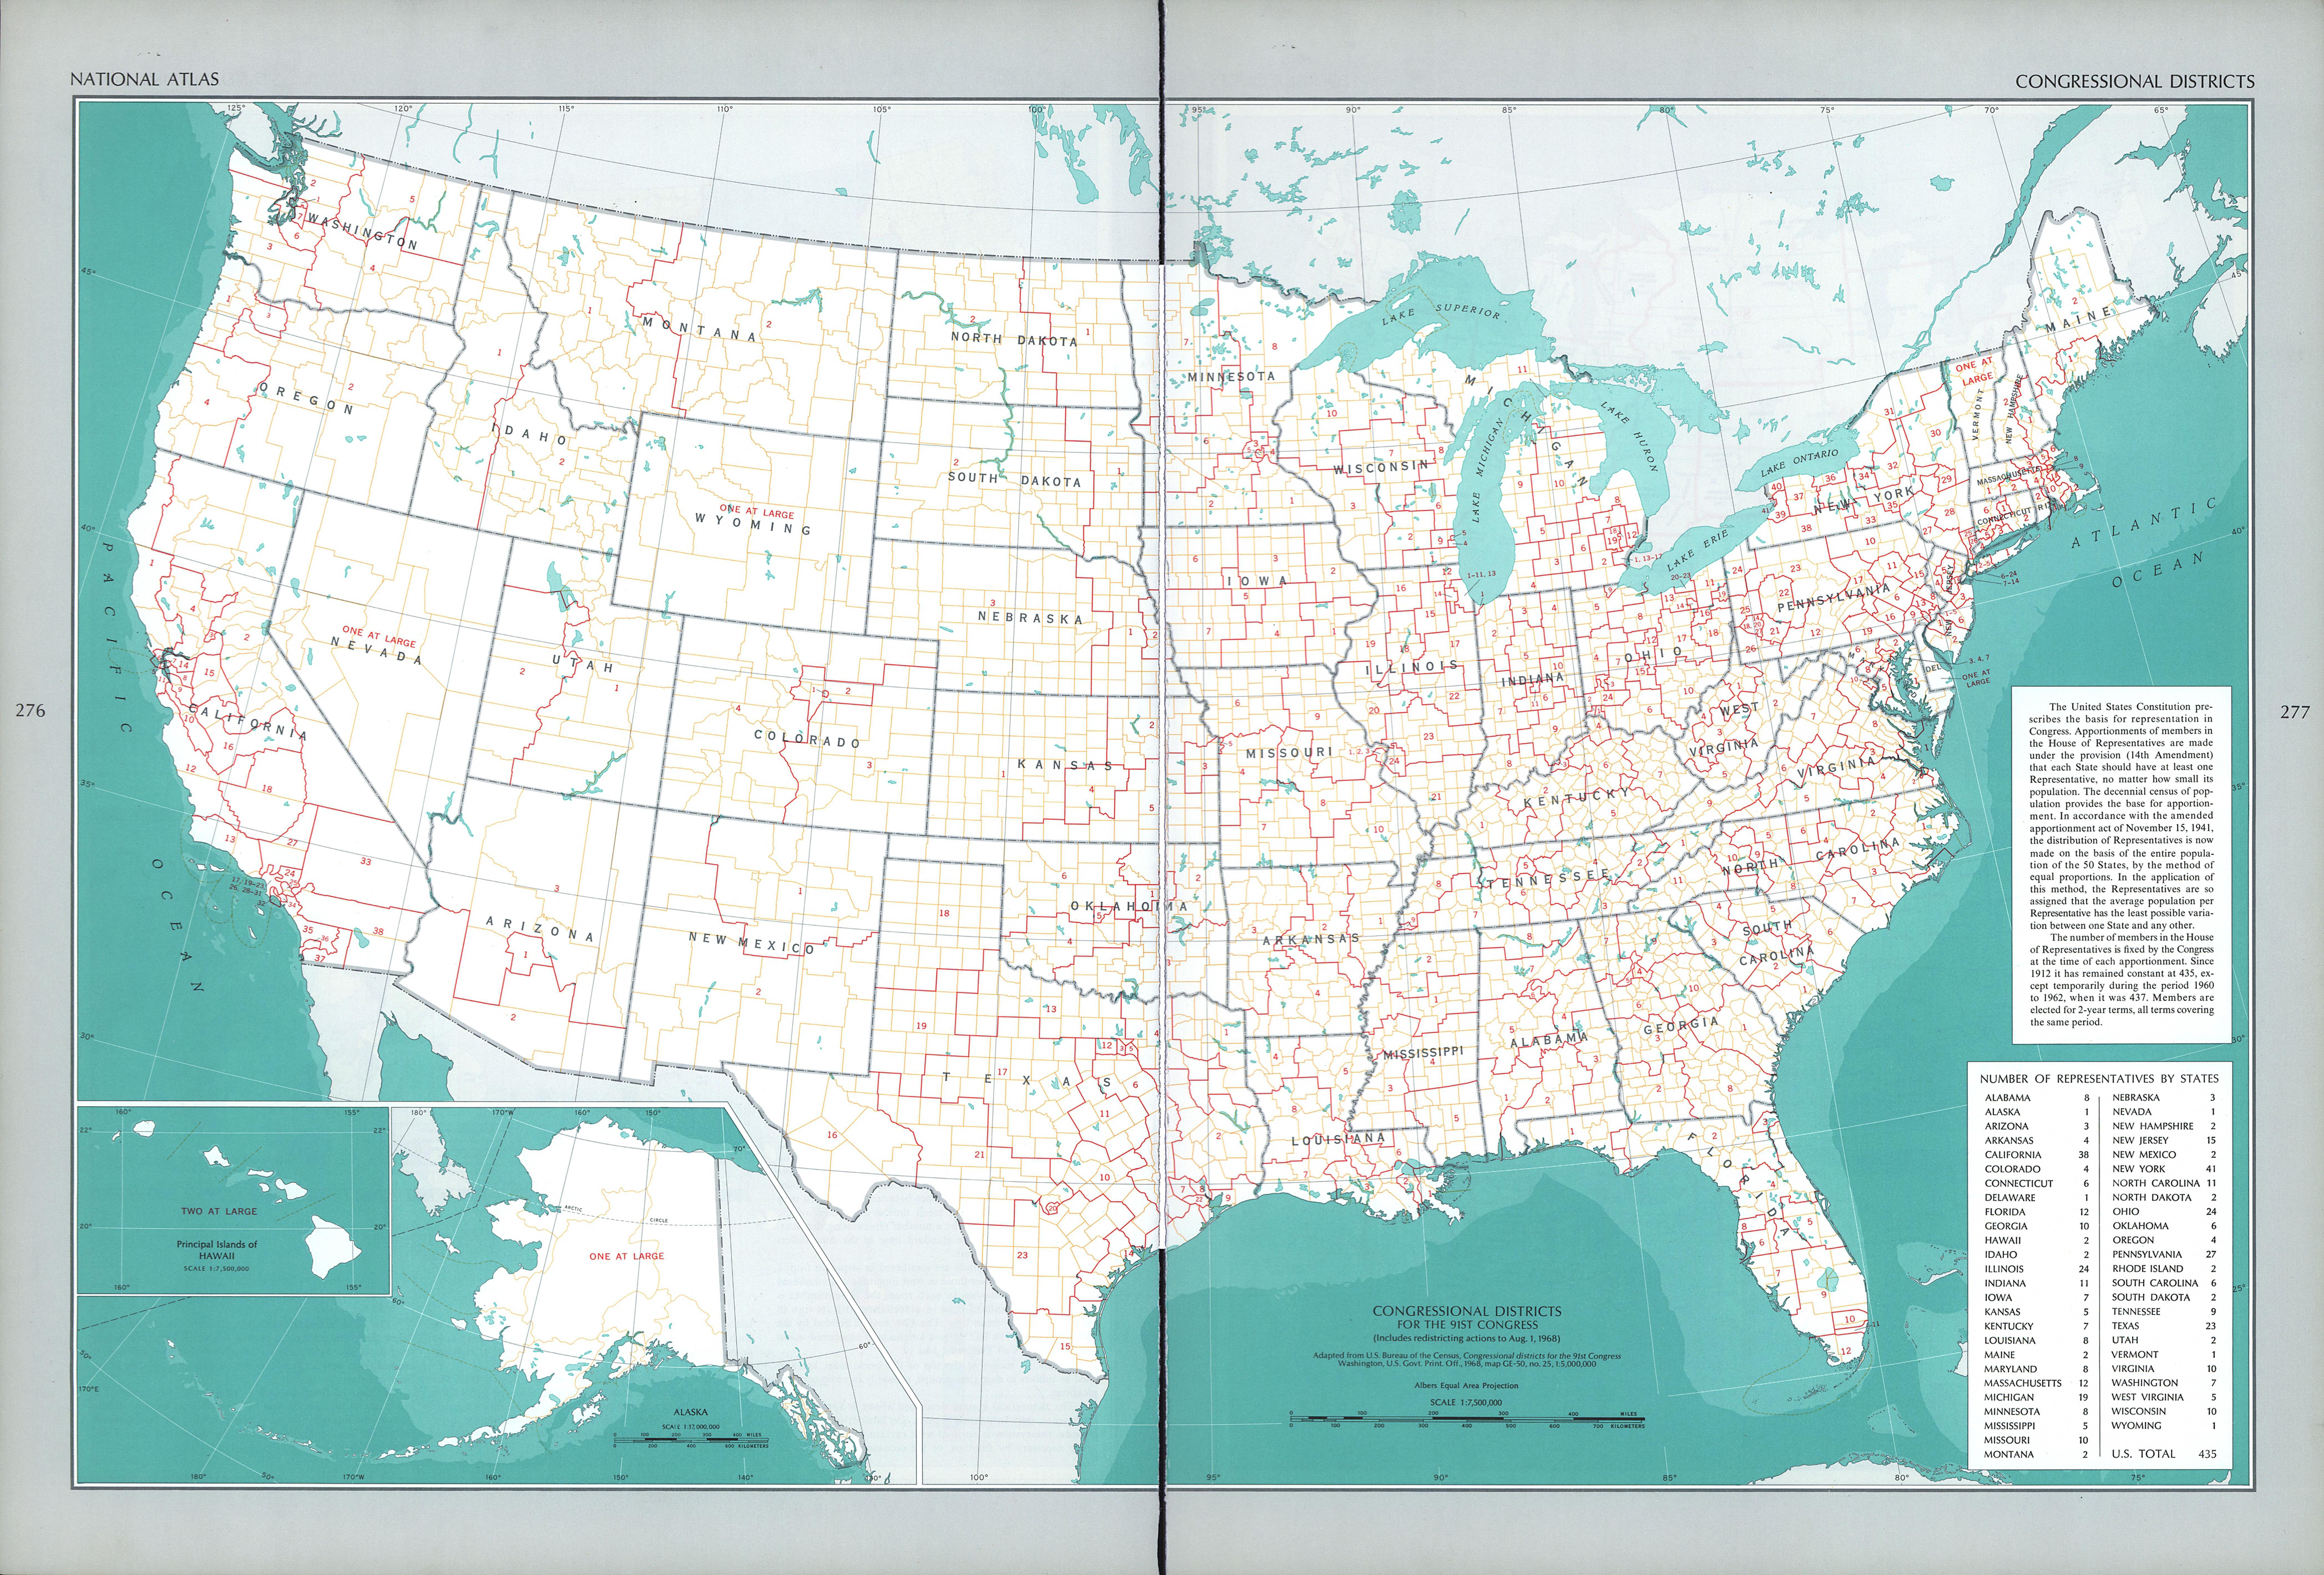 Mapa de los Distritos Congresuales, Estados Unidos